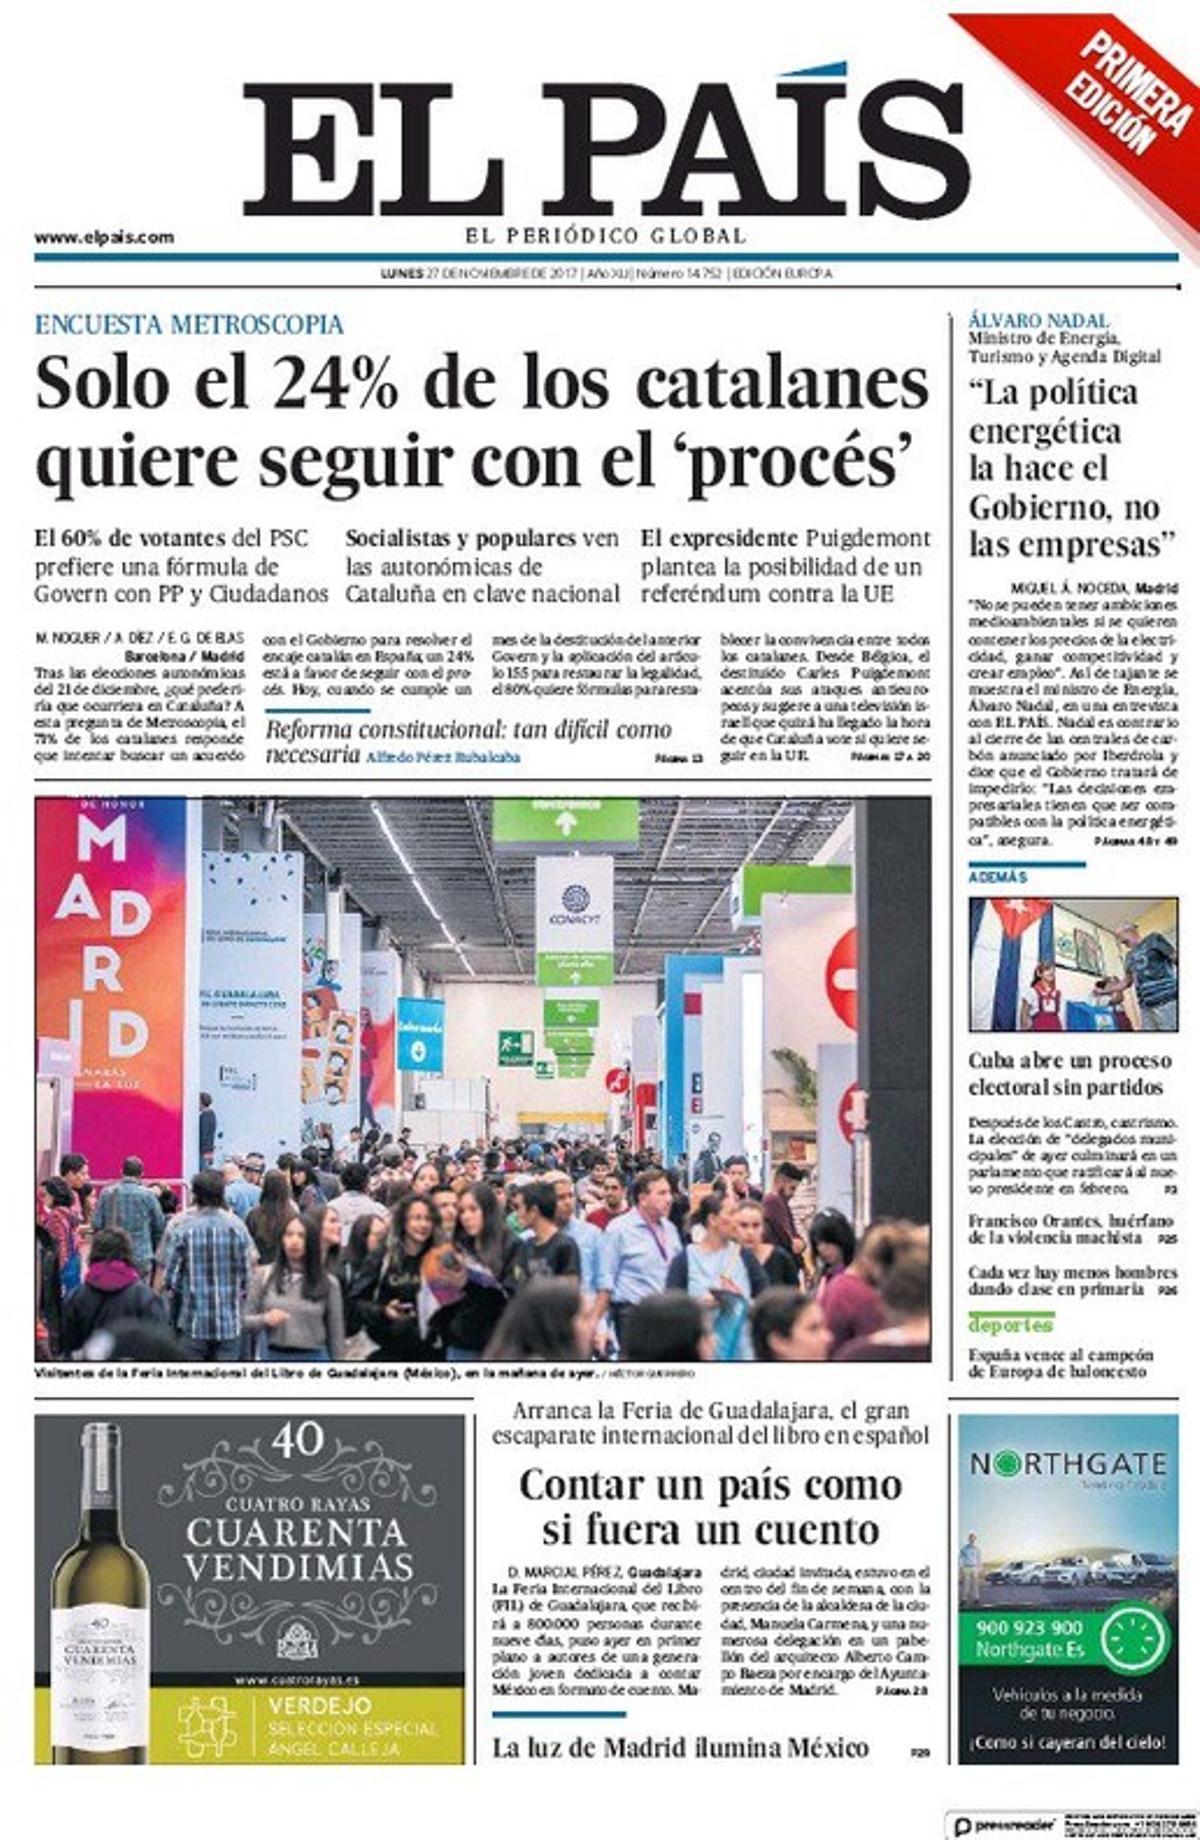 Todos los partidos catalanes se lanzan a por el voto musulmán, asegura 'Abc'